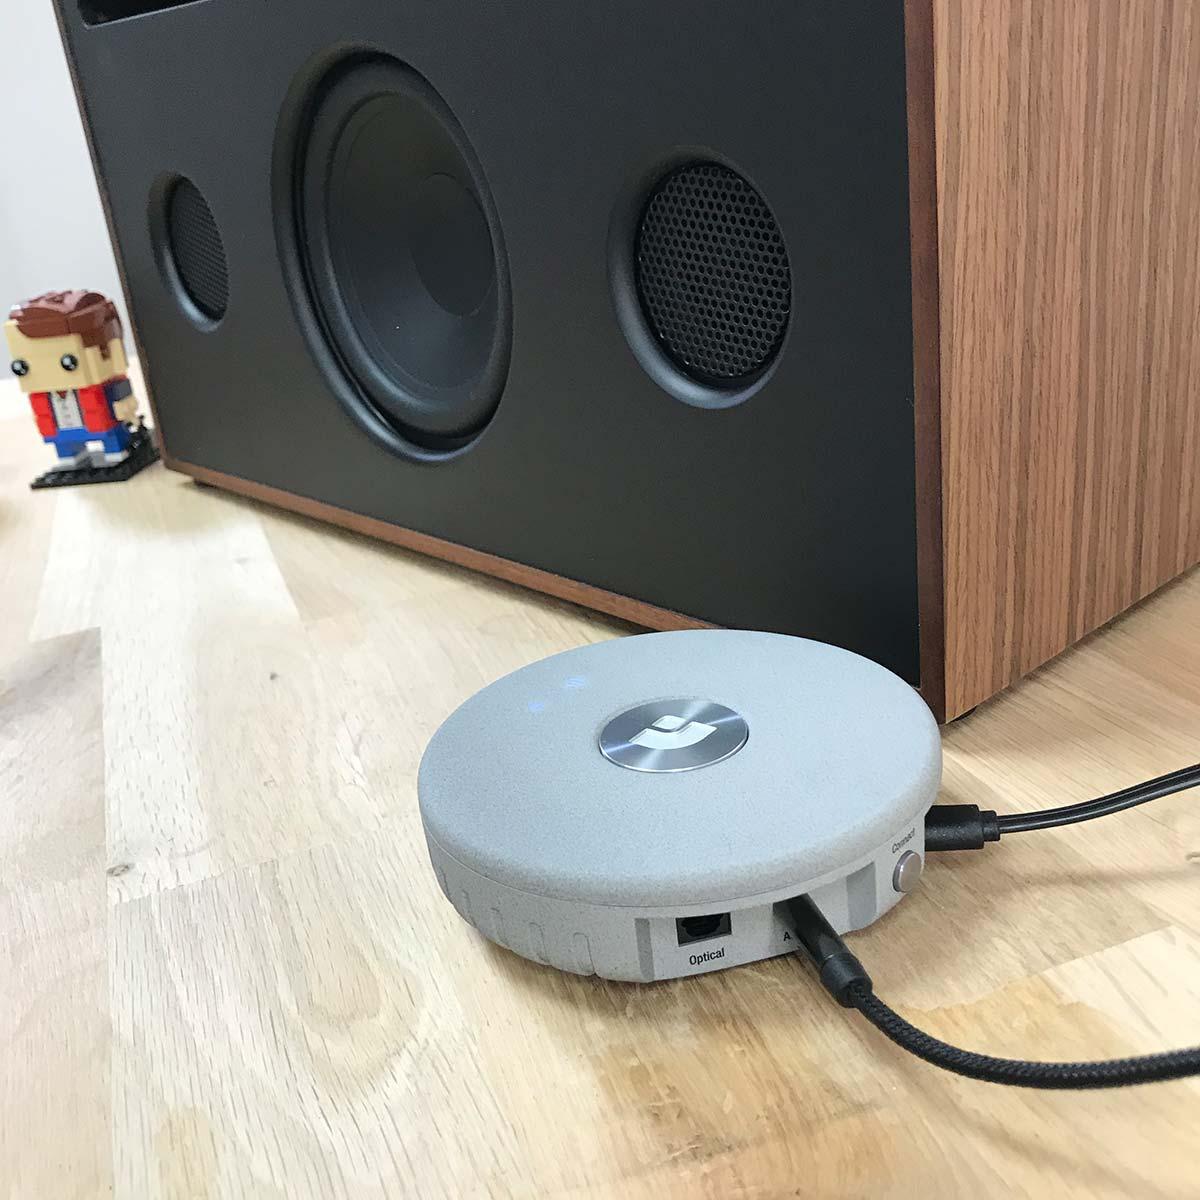 Le Link 1 permet à l'enceinte La boite concept de disposer d'une connexion AirPlay et WiFi pour les musiques sur le réseau